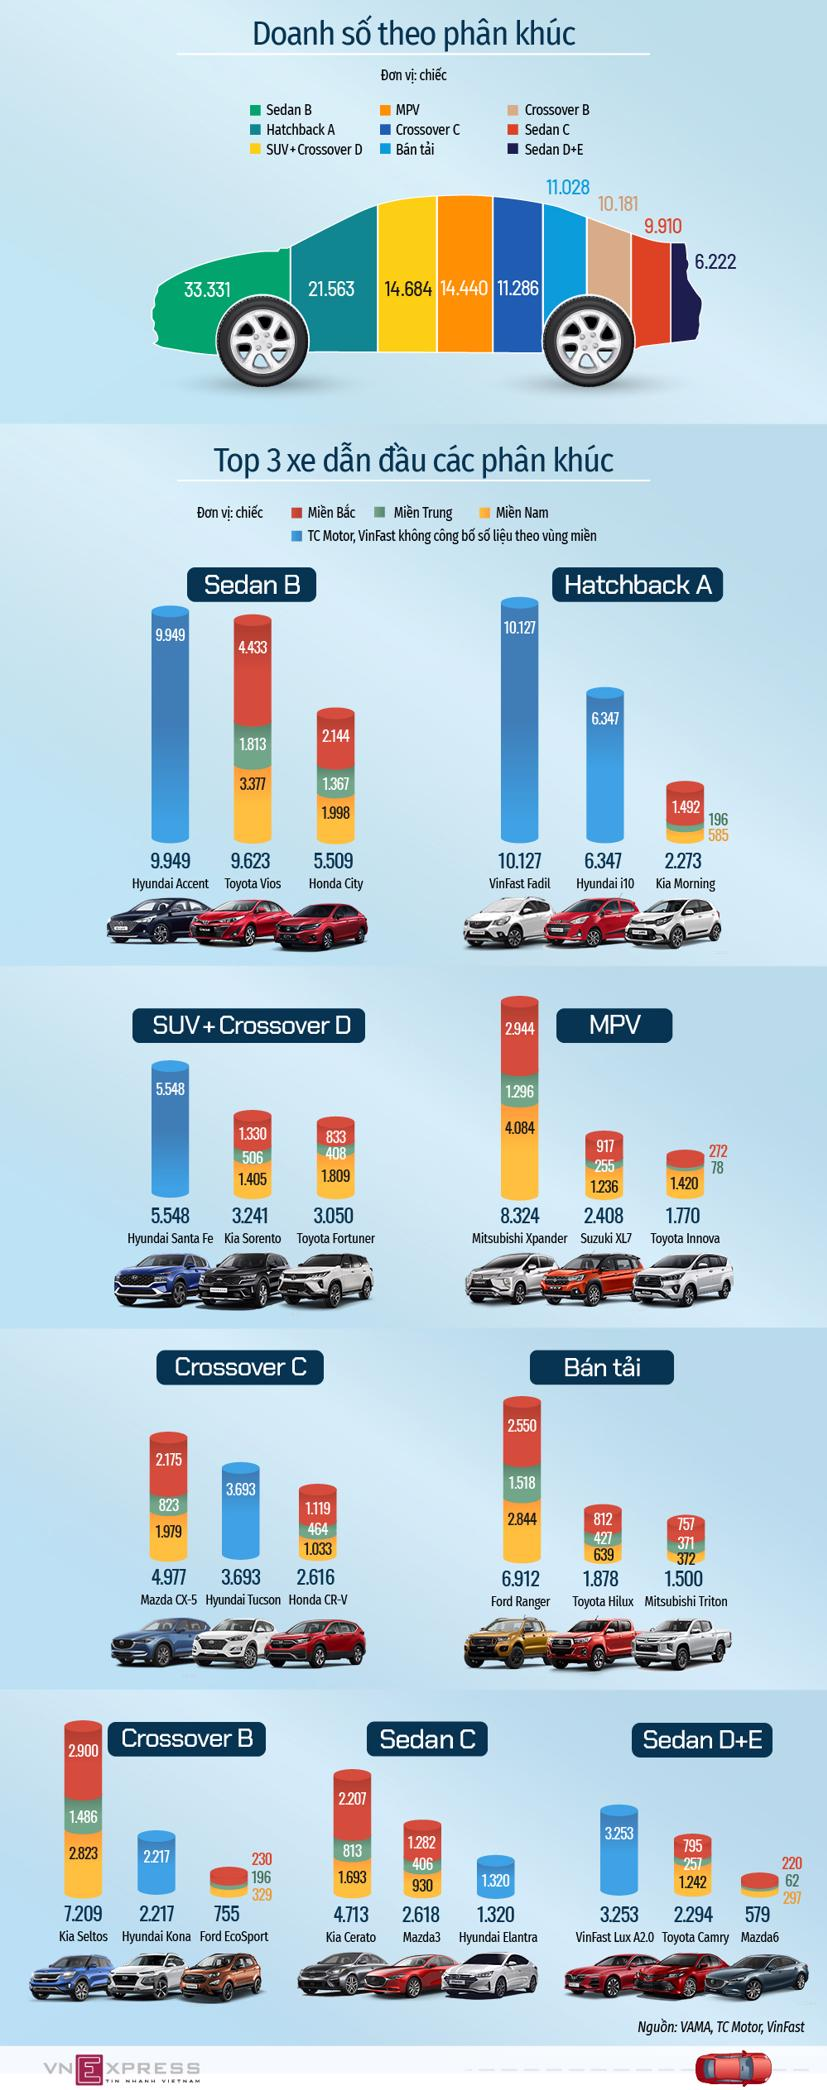 Những mẫu ôtô vô địch từng phân khúc nửa đầu 2021 - Ảnh 1